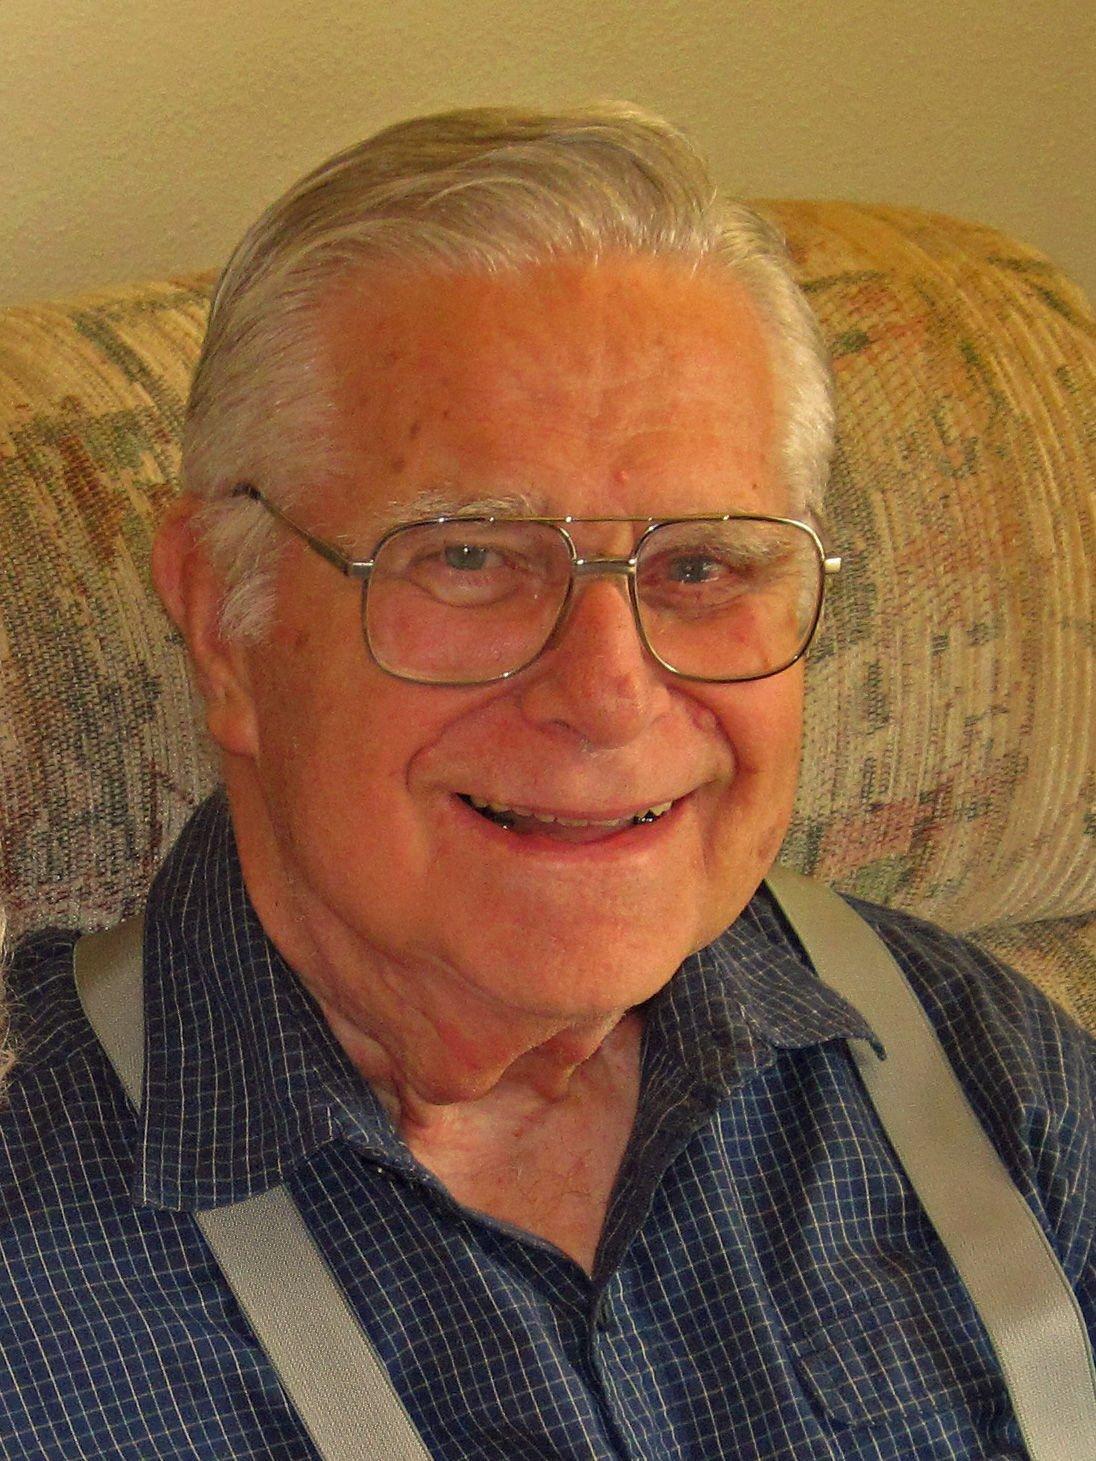 Roger Dean Olleman